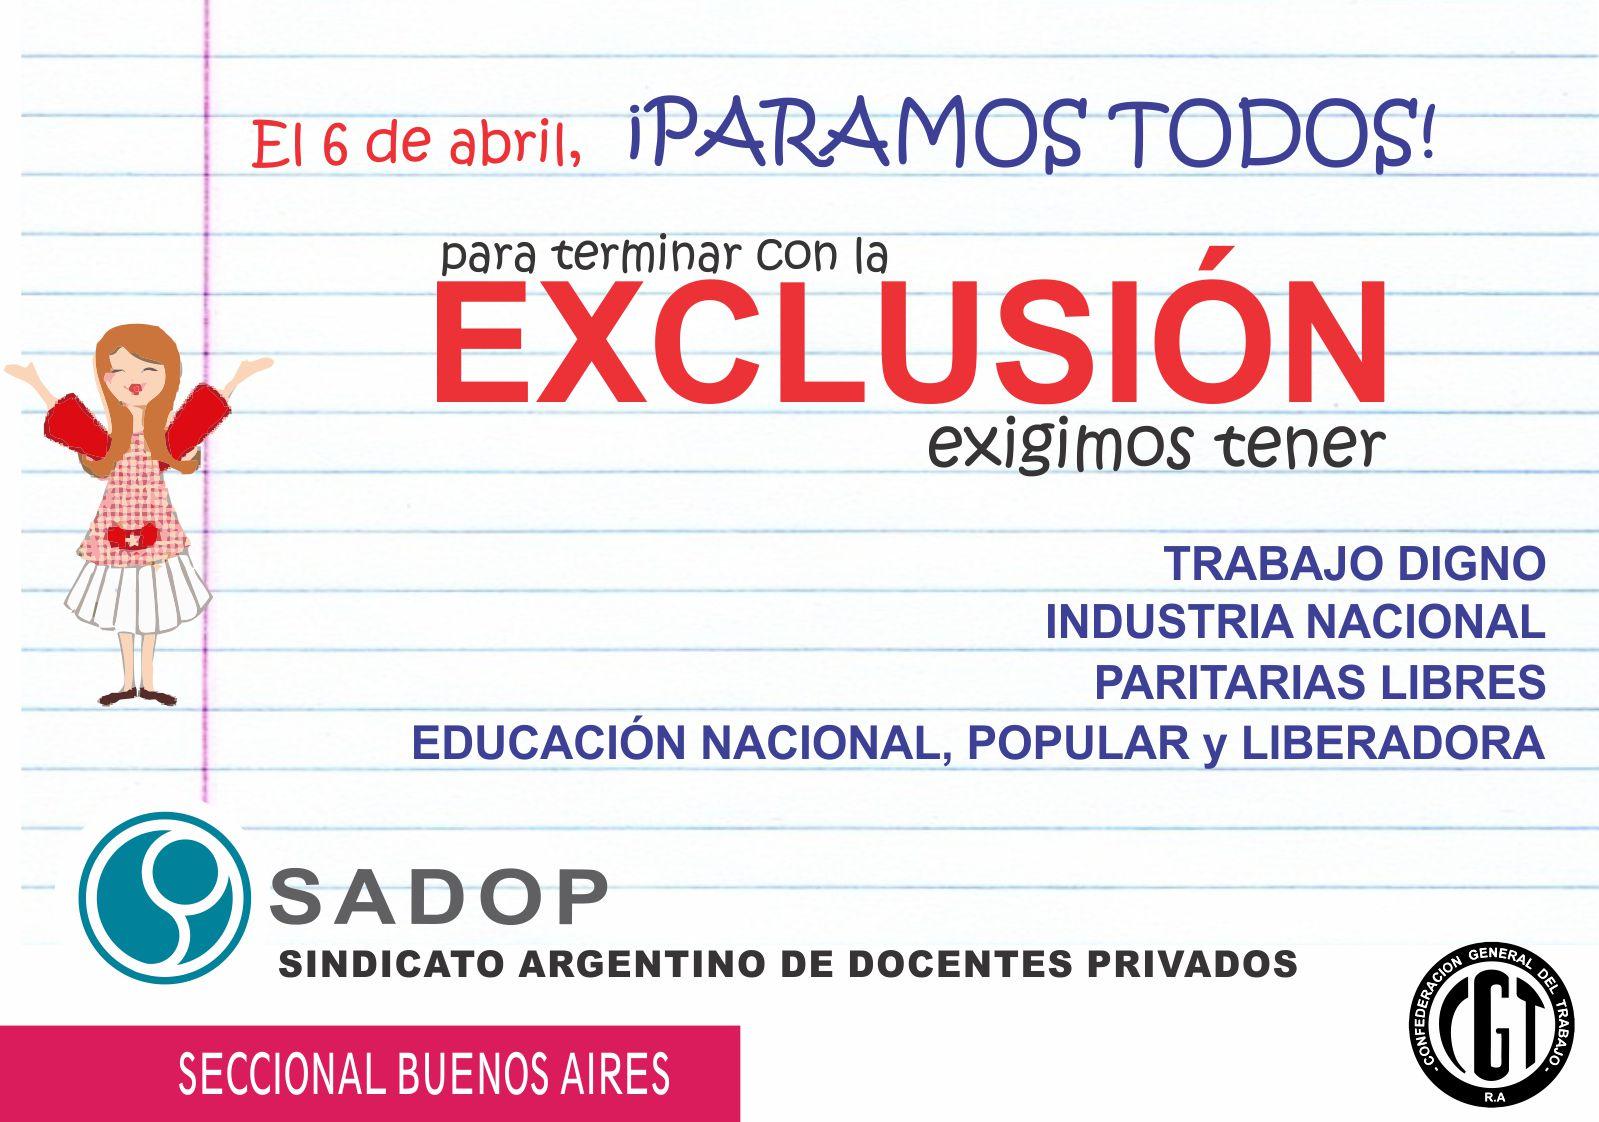 En este momento estás viendo SADOP para el 6 de abril